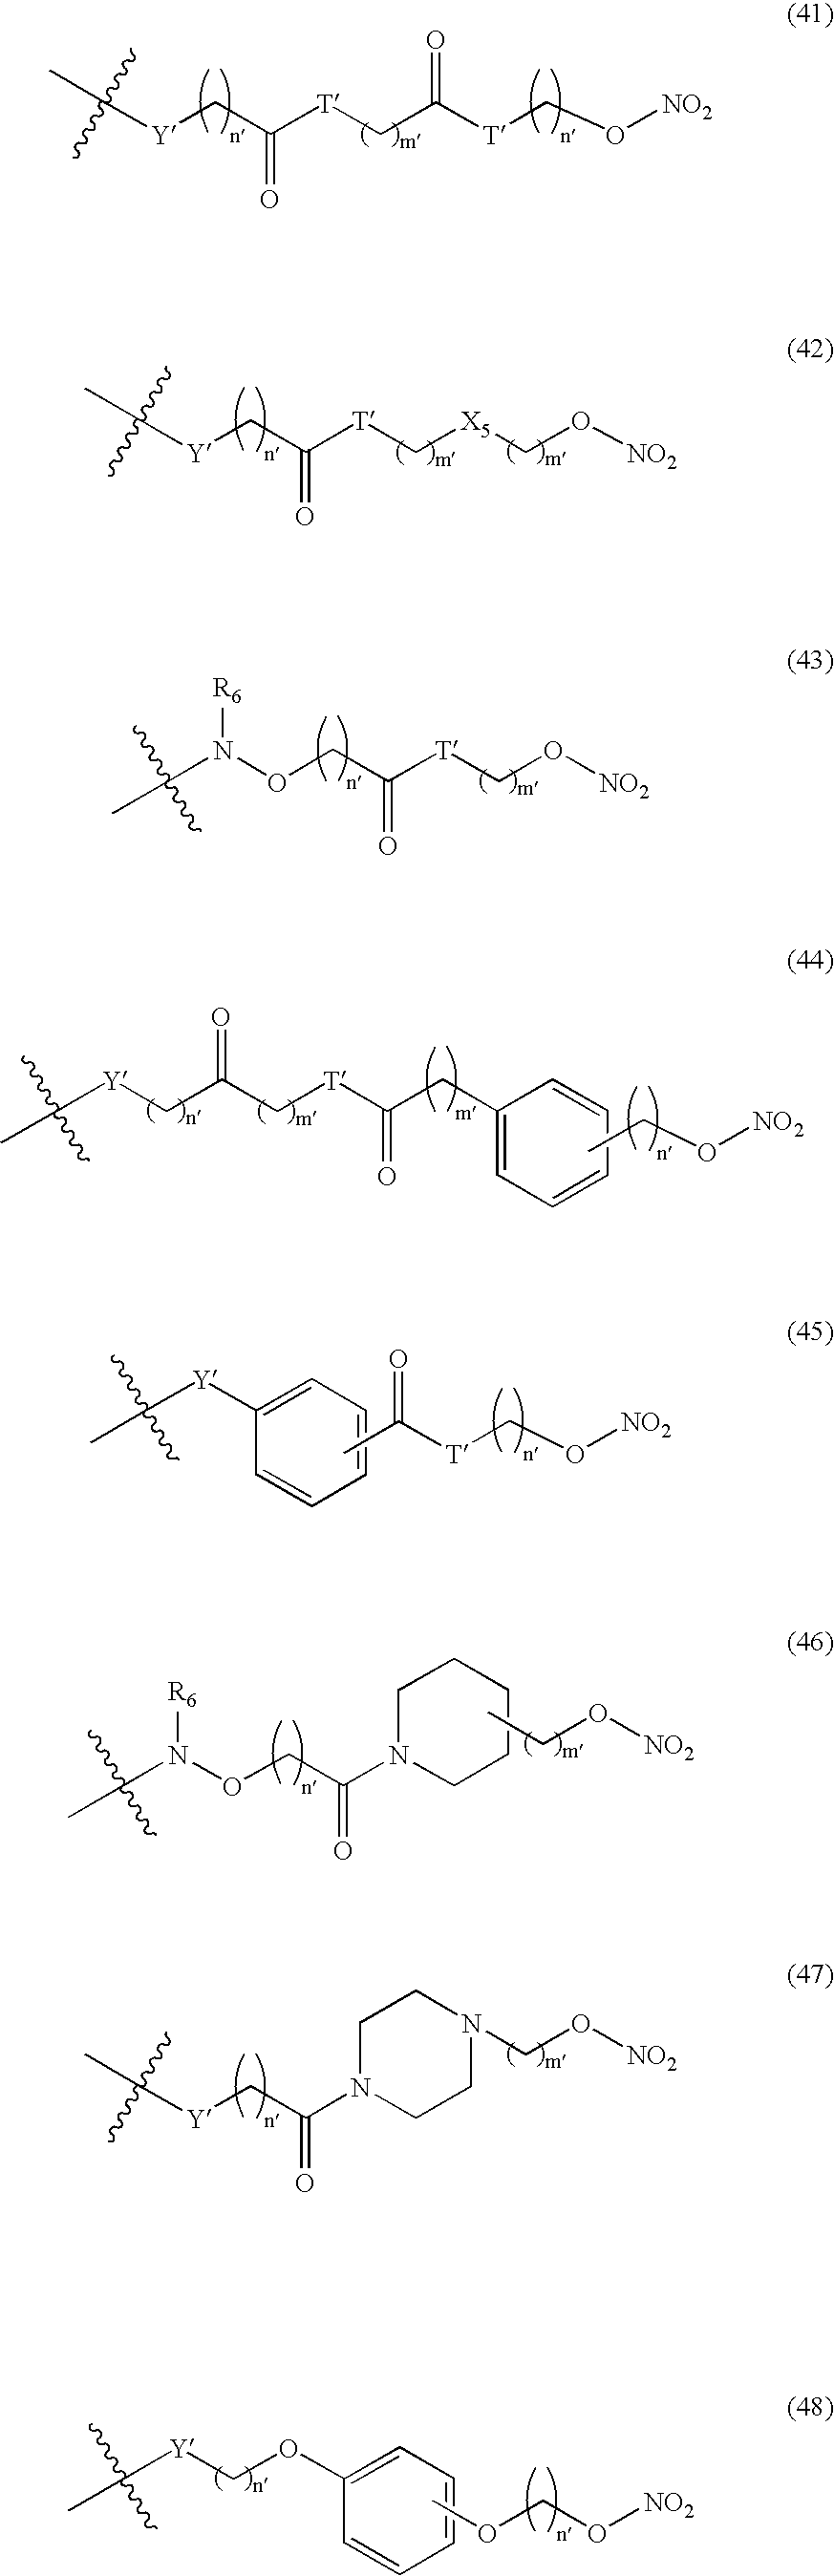 Figure US20070238740A1-20071011-C00073